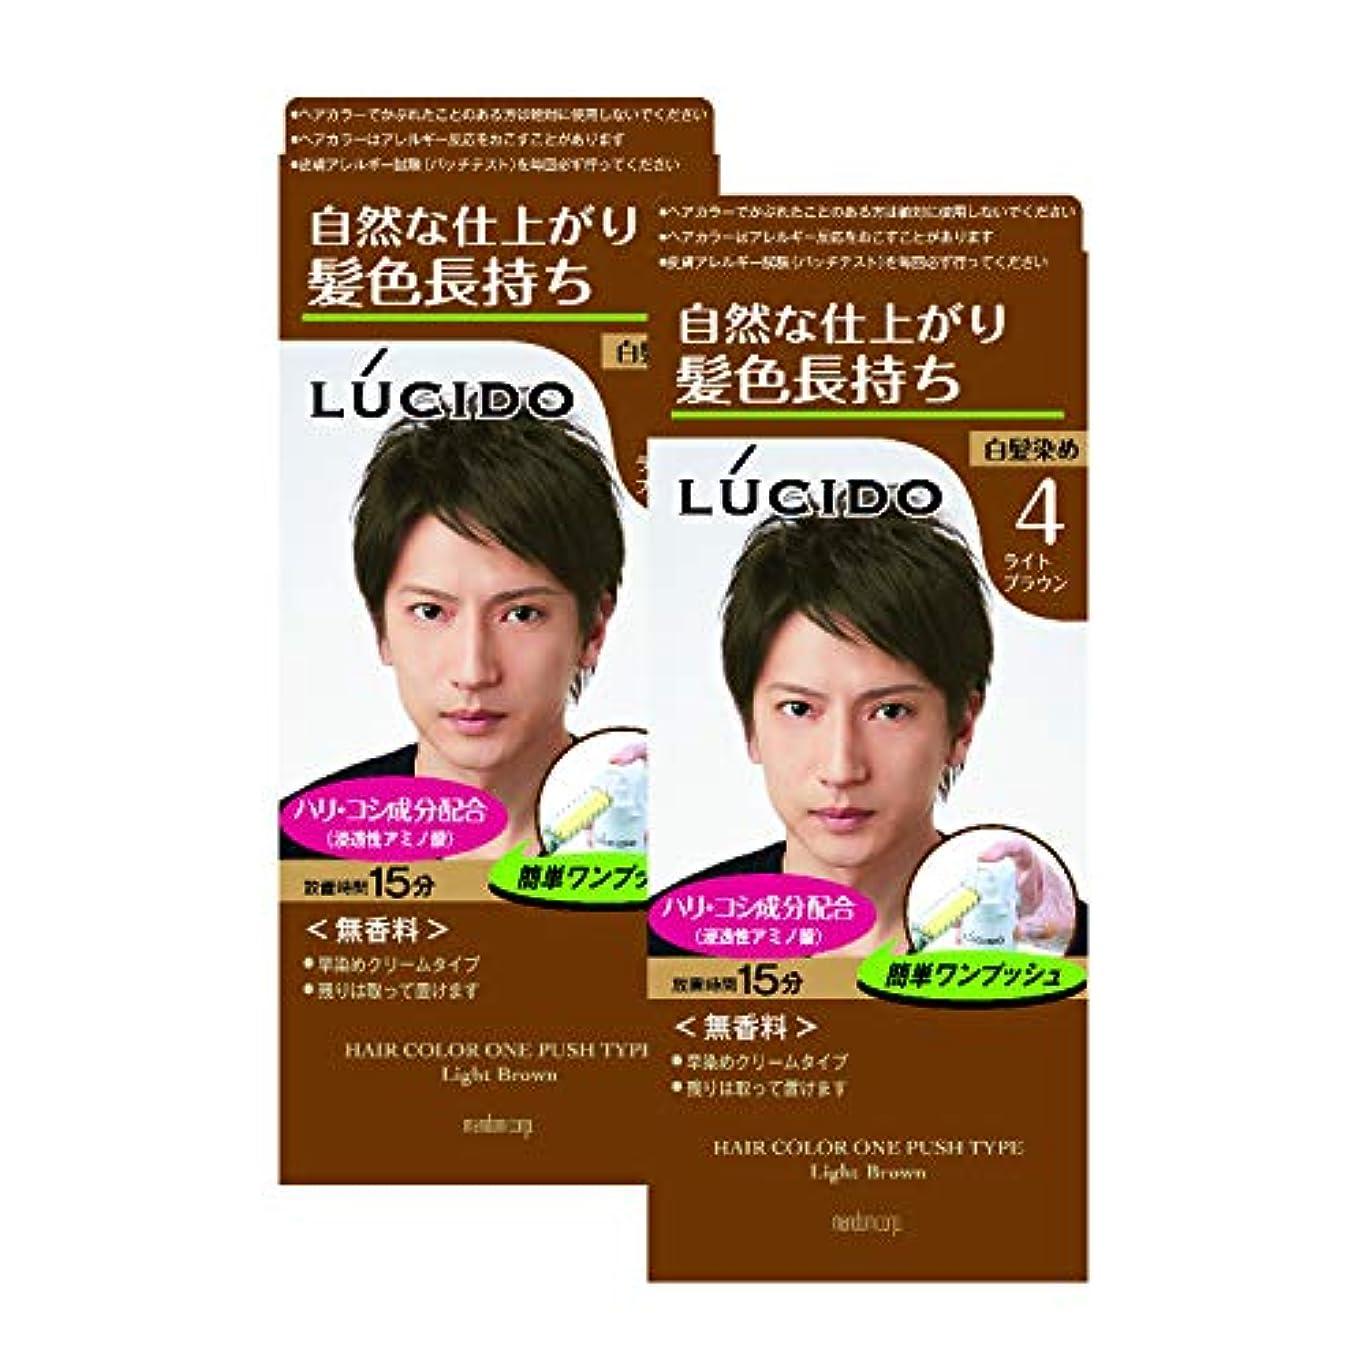 脚本トピック拡散するLUCIDO(ルシード) ルシード ワンプッシュケアカラー ライトブラウン (医薬部外品) 白髪染め 2個パック